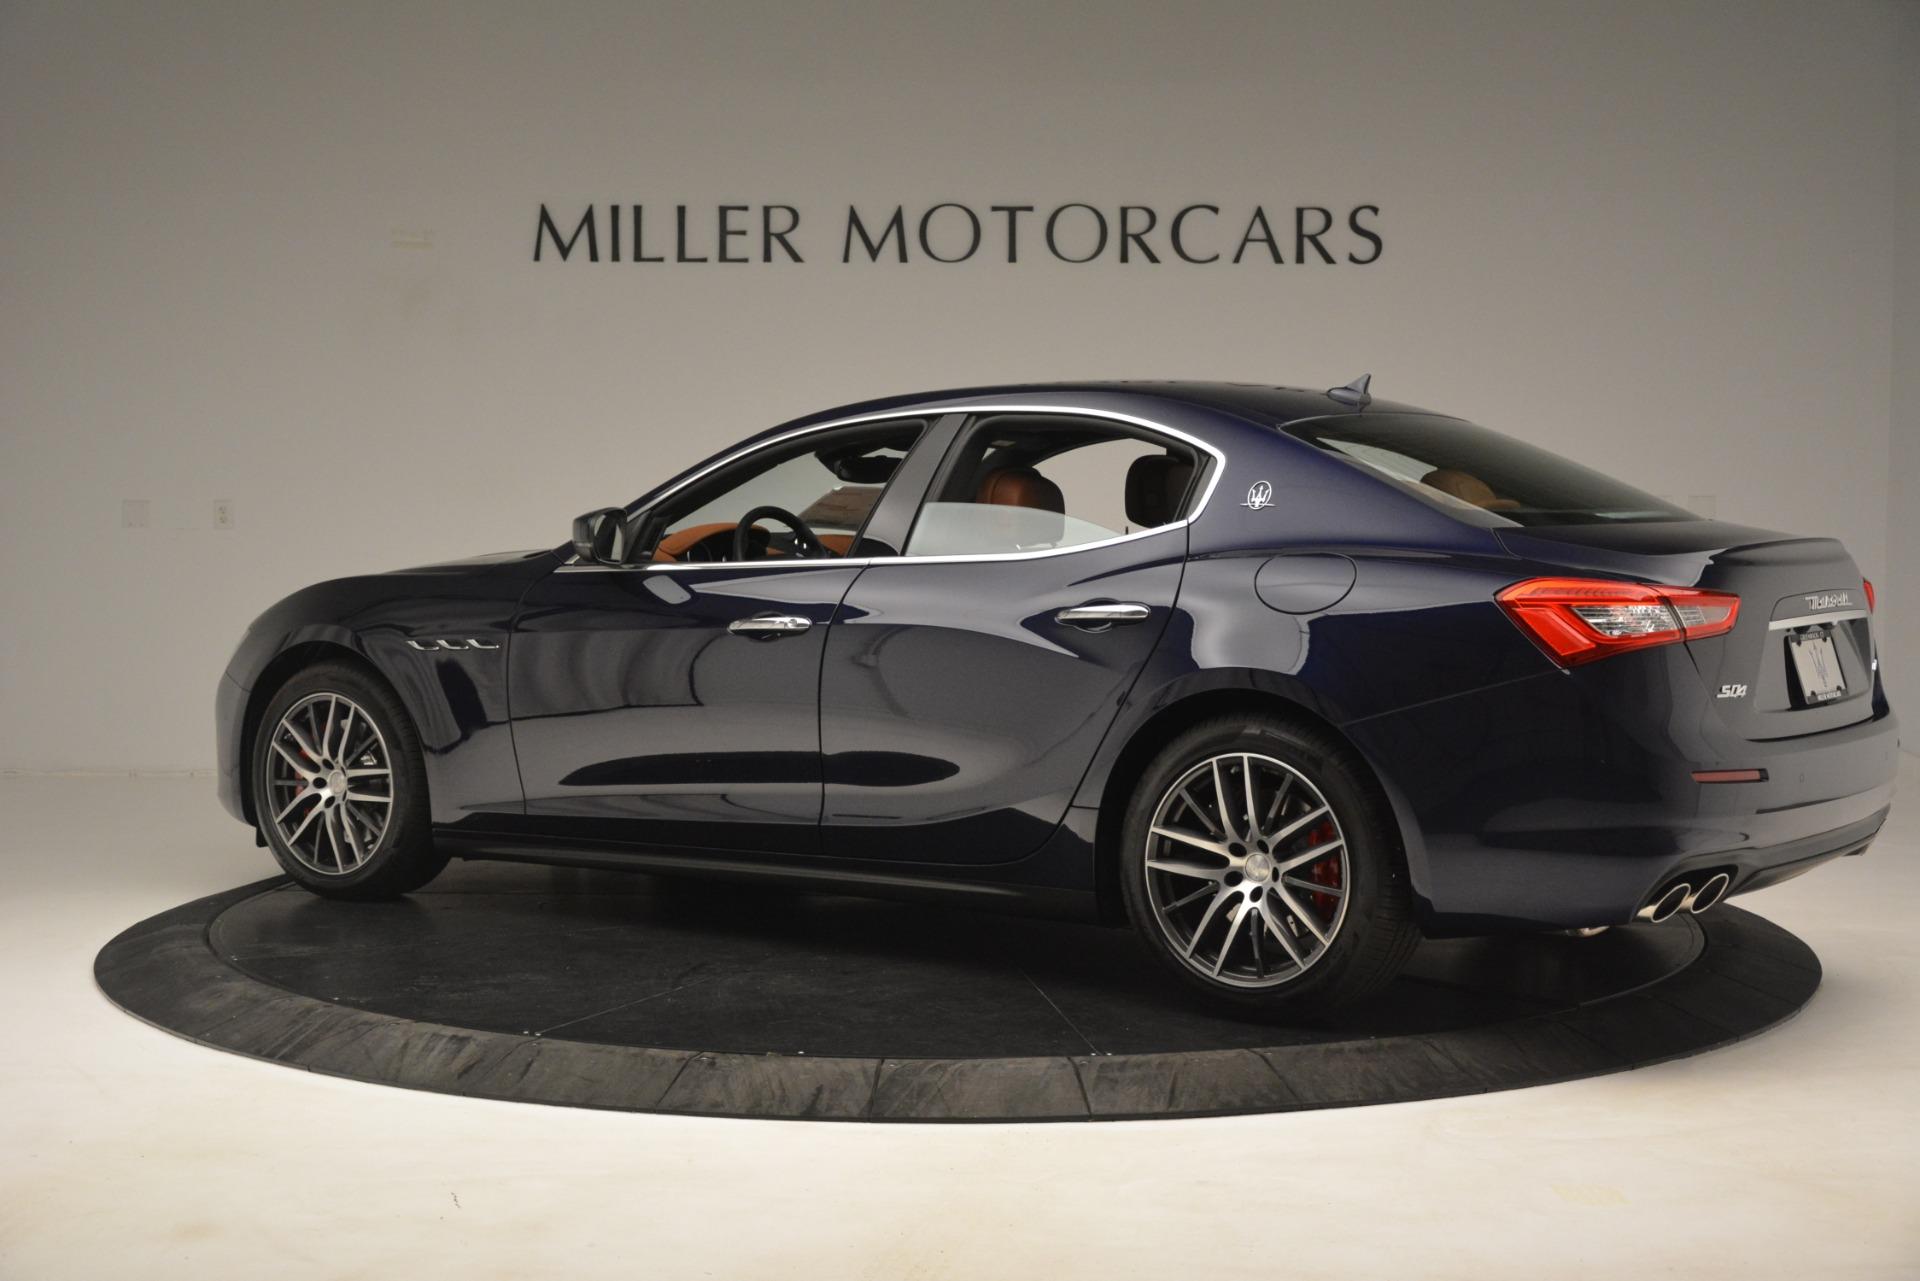 New 2019 Maserati Ghibli S Q4 For Sale In Greenwich, CT. Alfa Romeo of Greenwich, M2290 3106_p4